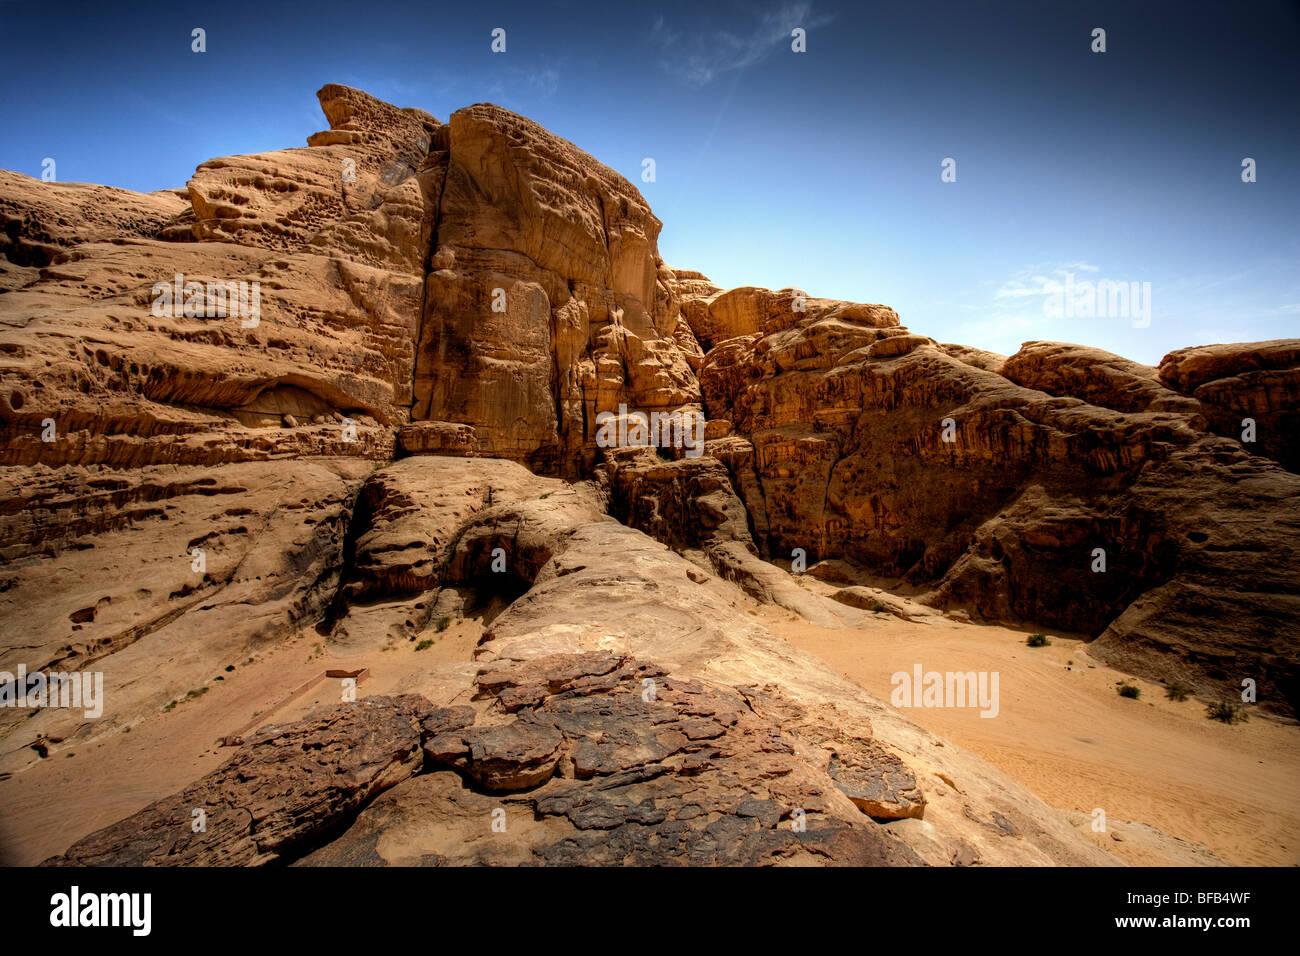 Sandstone monument, Wadi rum, Jordan - Stock Image